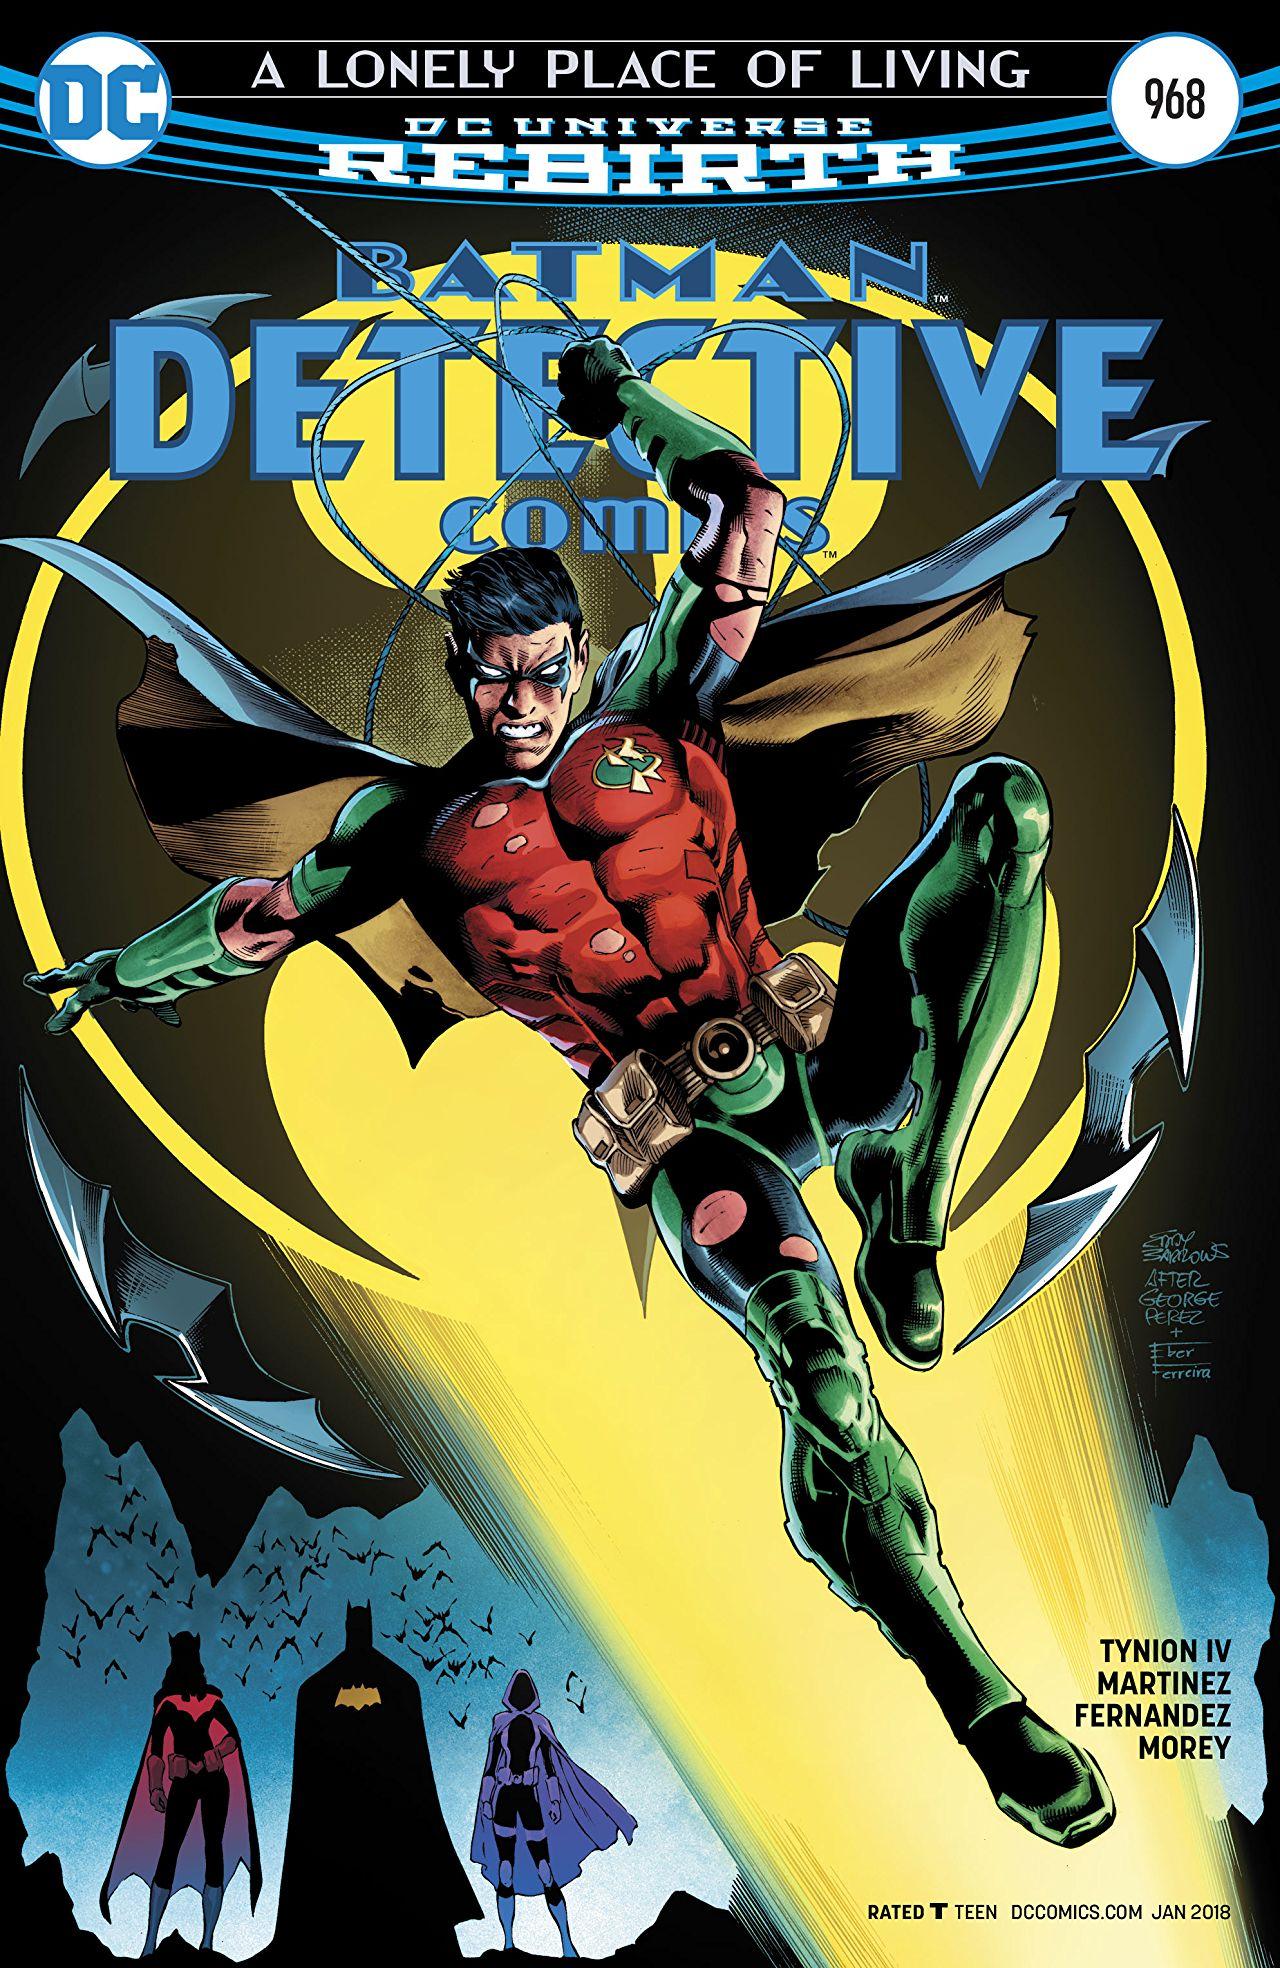 Detective Comics Vol 1 968